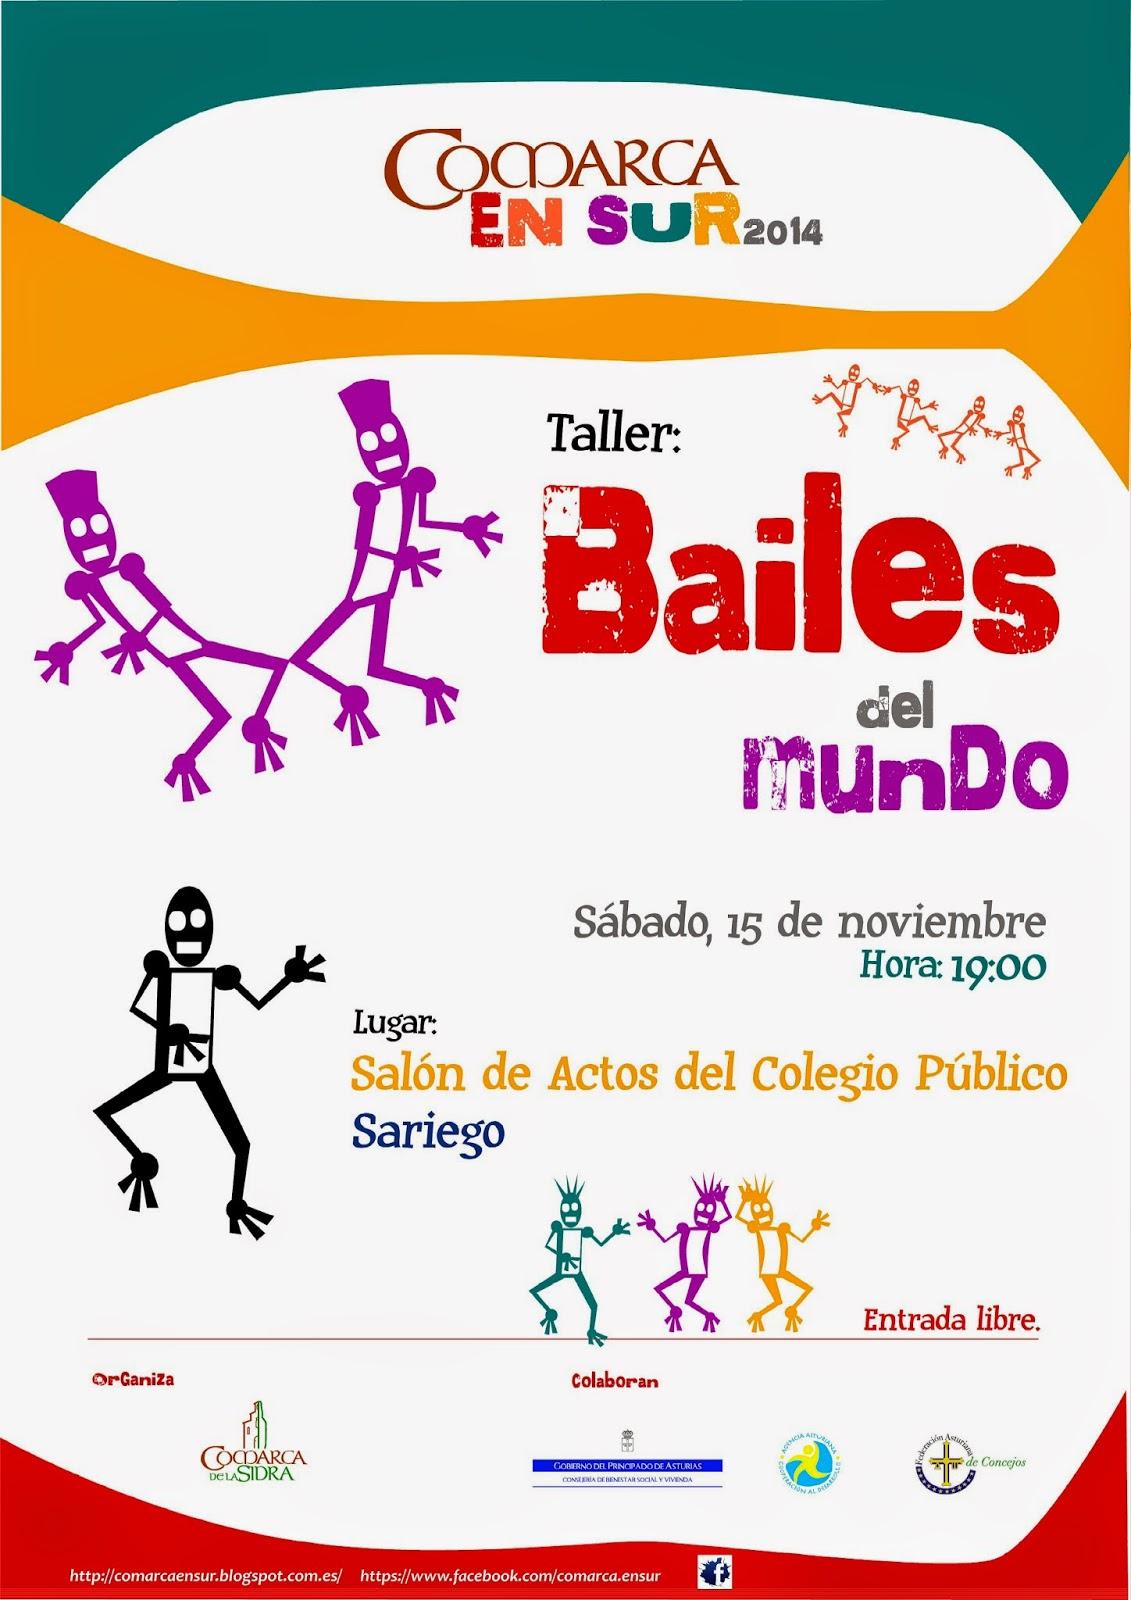 Asturias con niños: Bailes del mundo: taller gratuito